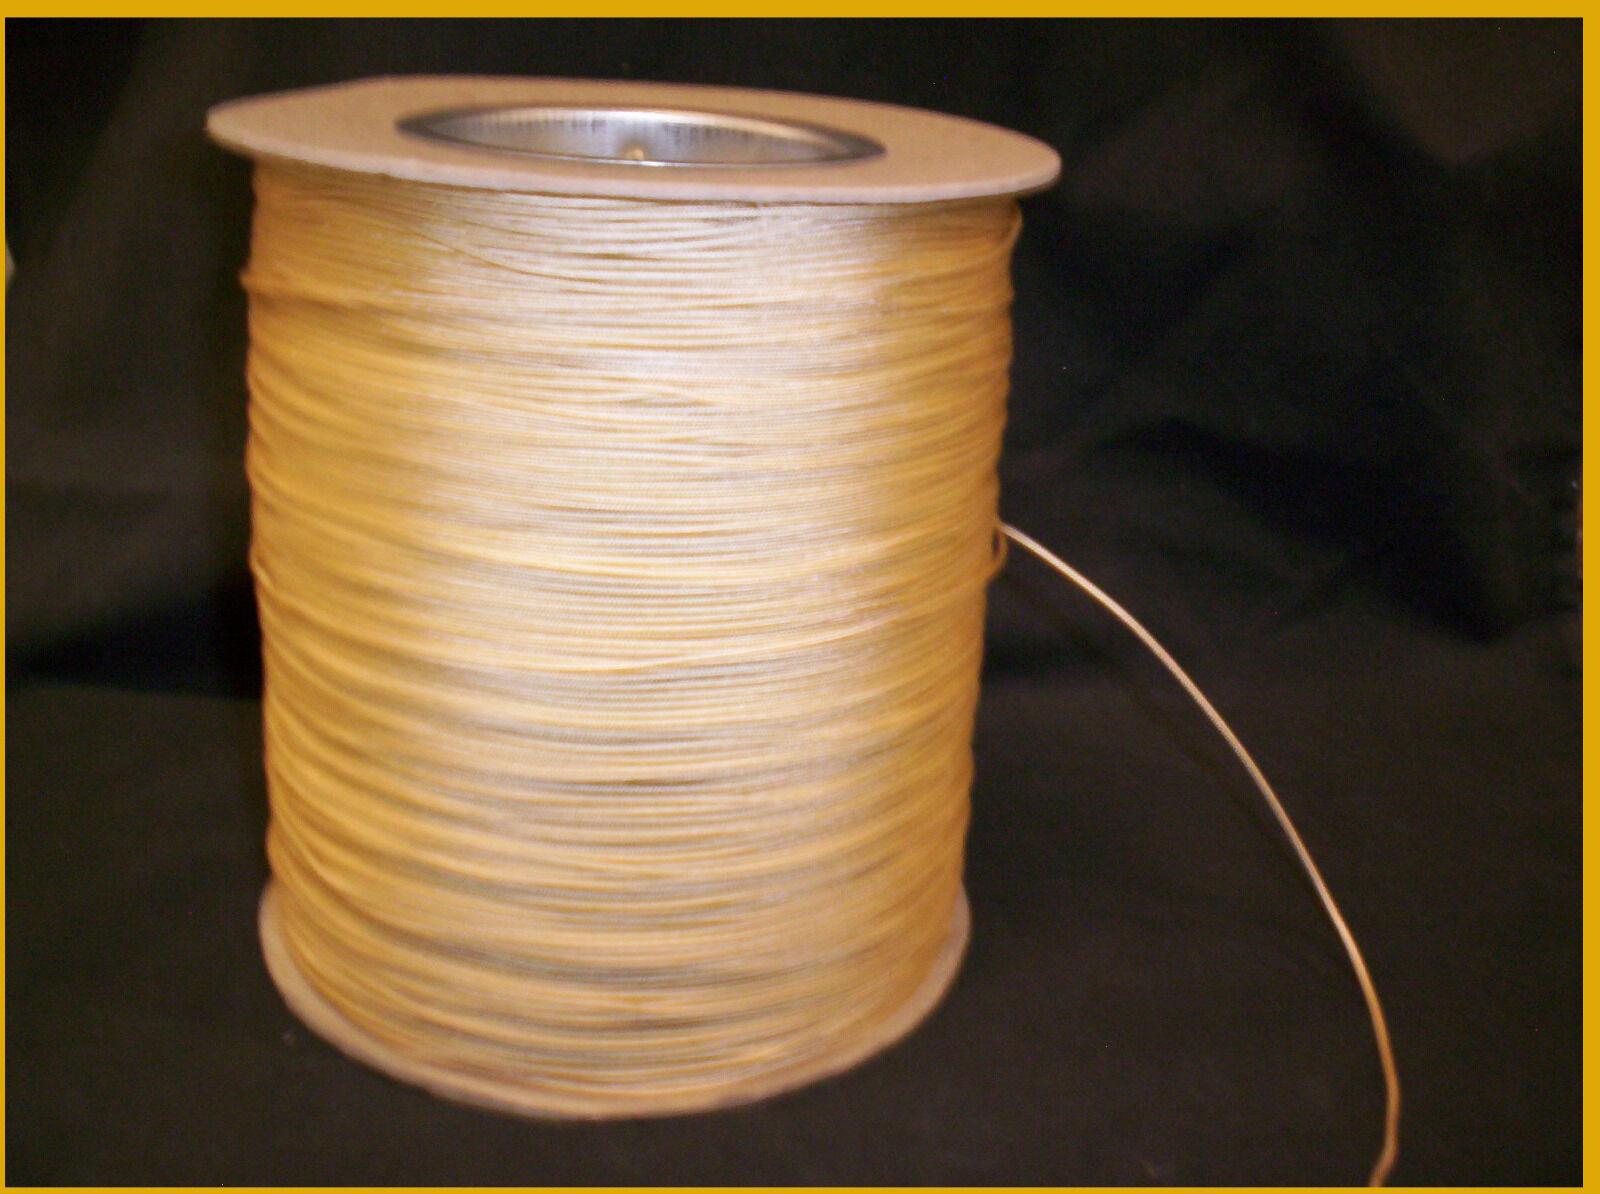 Cable de reemplazo de persianas tonos 1000yd Carrete 1.4mm elevador de inclinación Tire de poliéster Camel